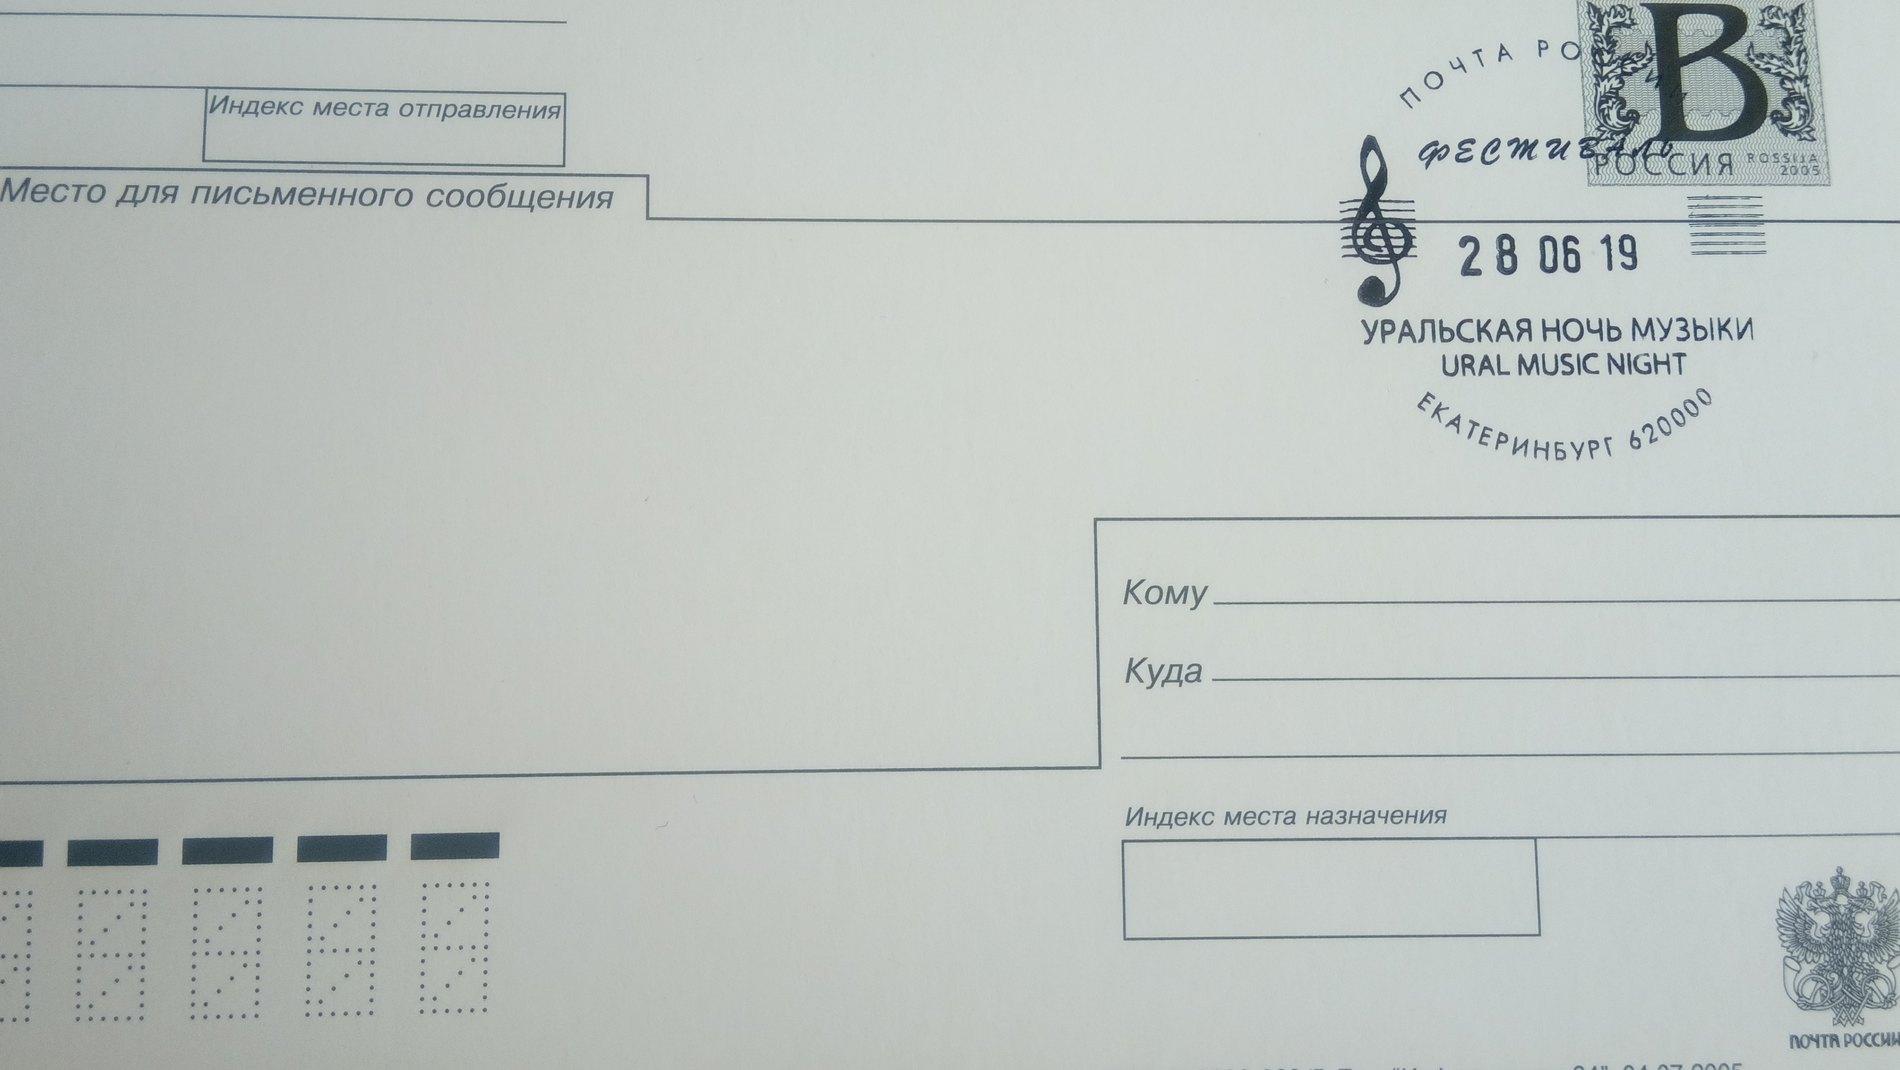 Как отправить открытку по почте в другой город